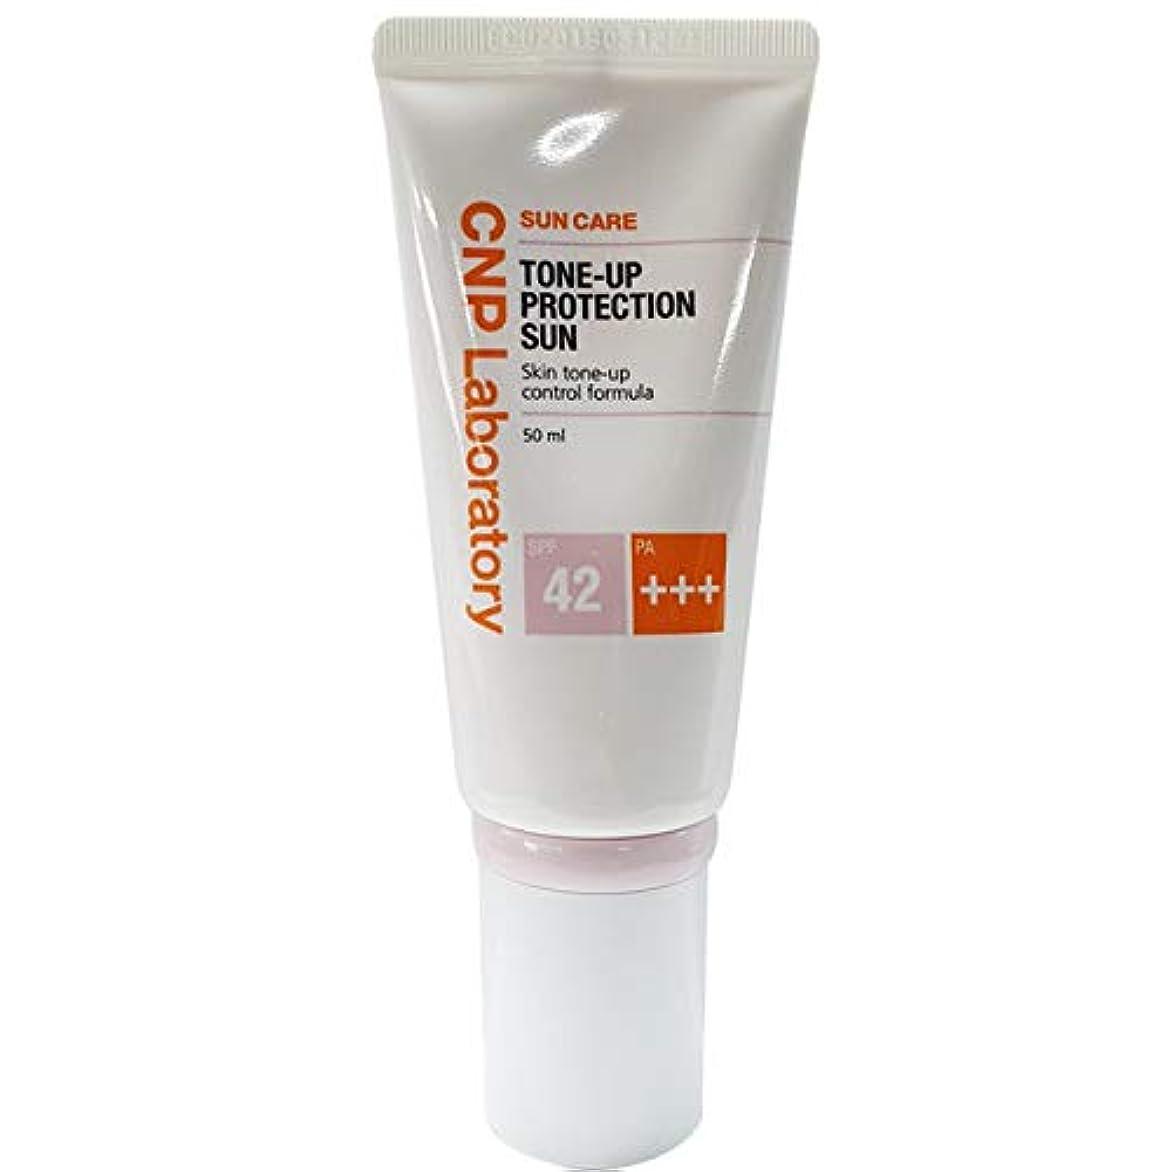 ラジカルジュニア傑作CNP チャアンドパク トンオププロテクションサン?クリーム紫外線遮断剤 50ml (SPF42 / PA+++)、2019 NEW, CNP Tone-up Protection Sun Cream/韓国日焼け止め